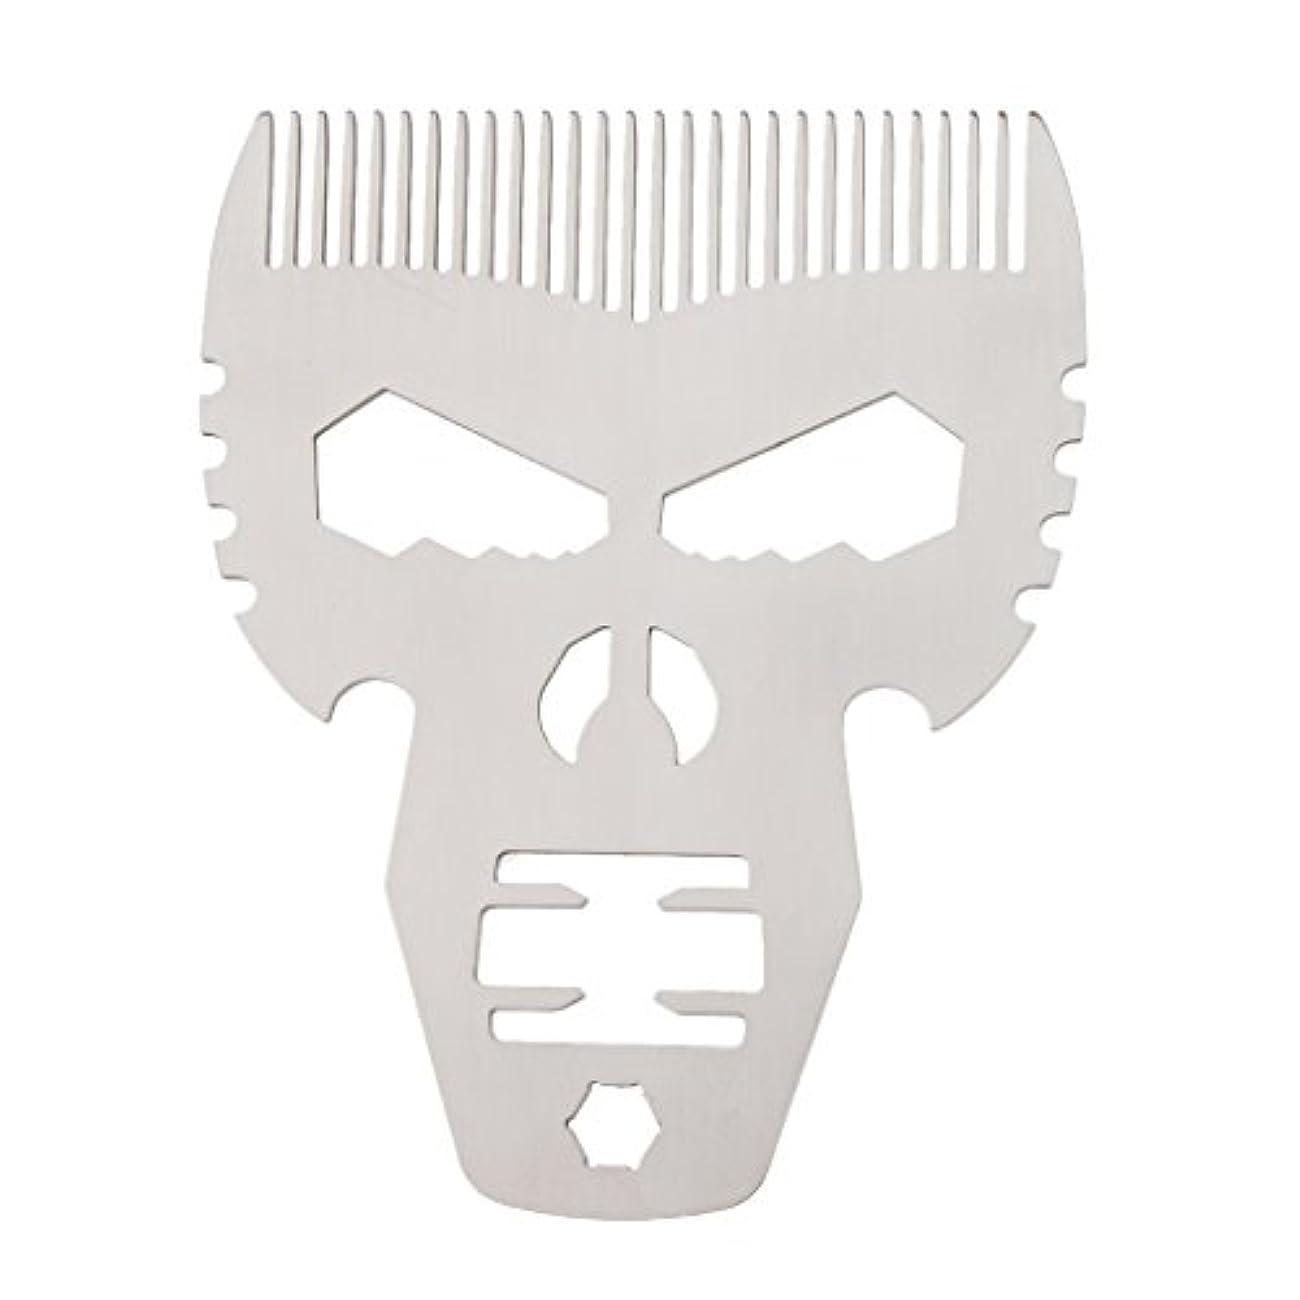 願う肥沃な洗剤ひげ 櫛 口髭ブラシ 男性 シルバー